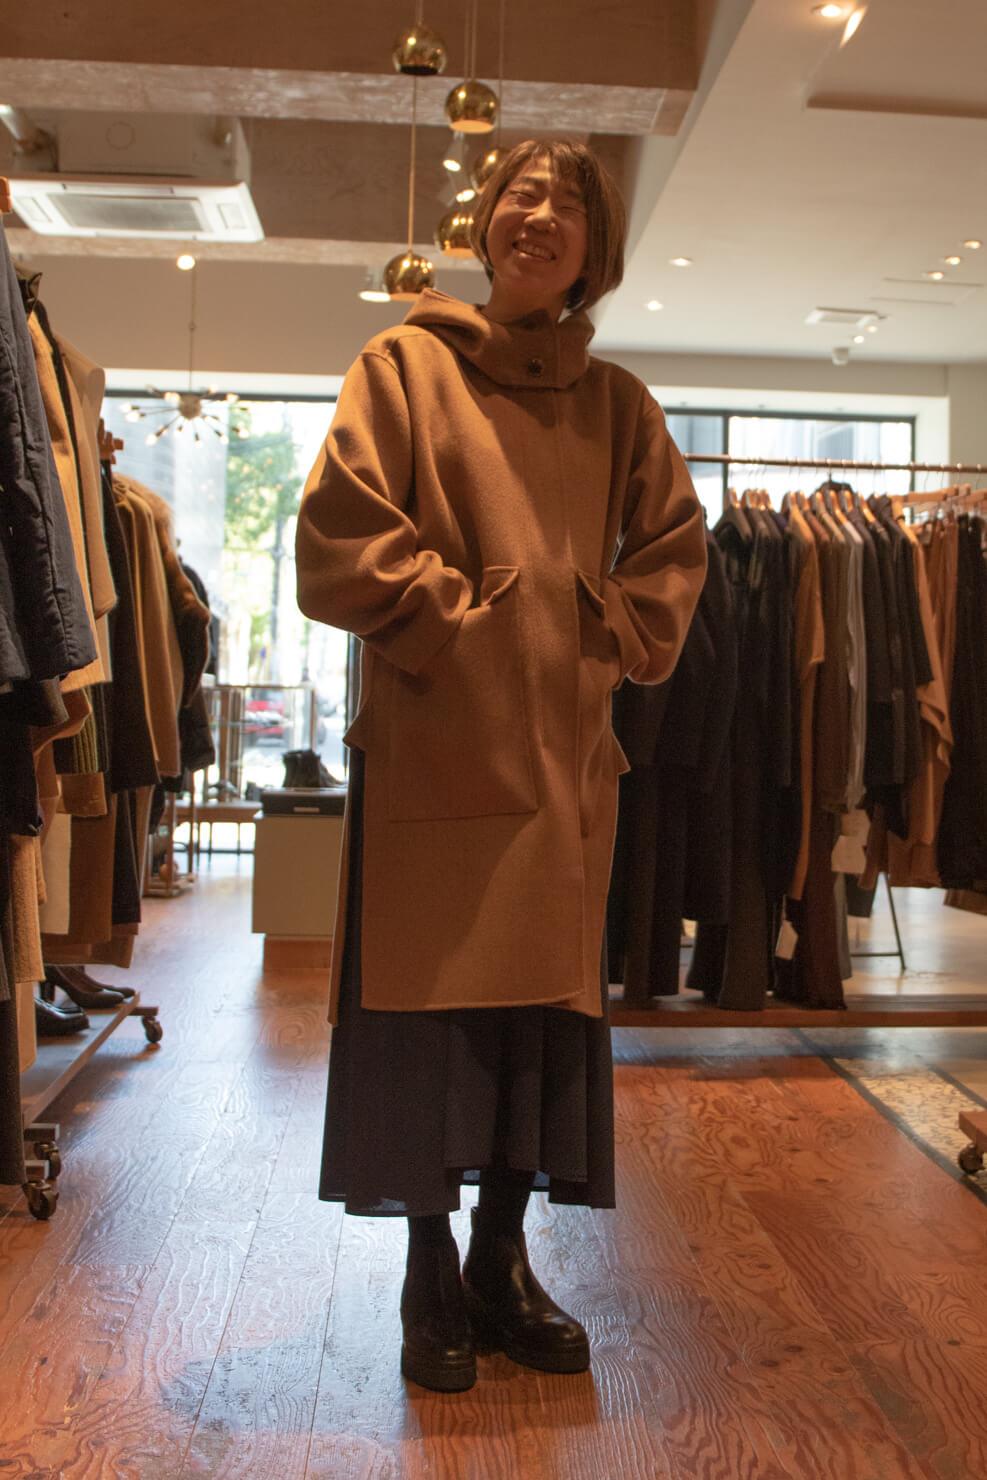 ソフィードールのロングコートを着た正面からの写真